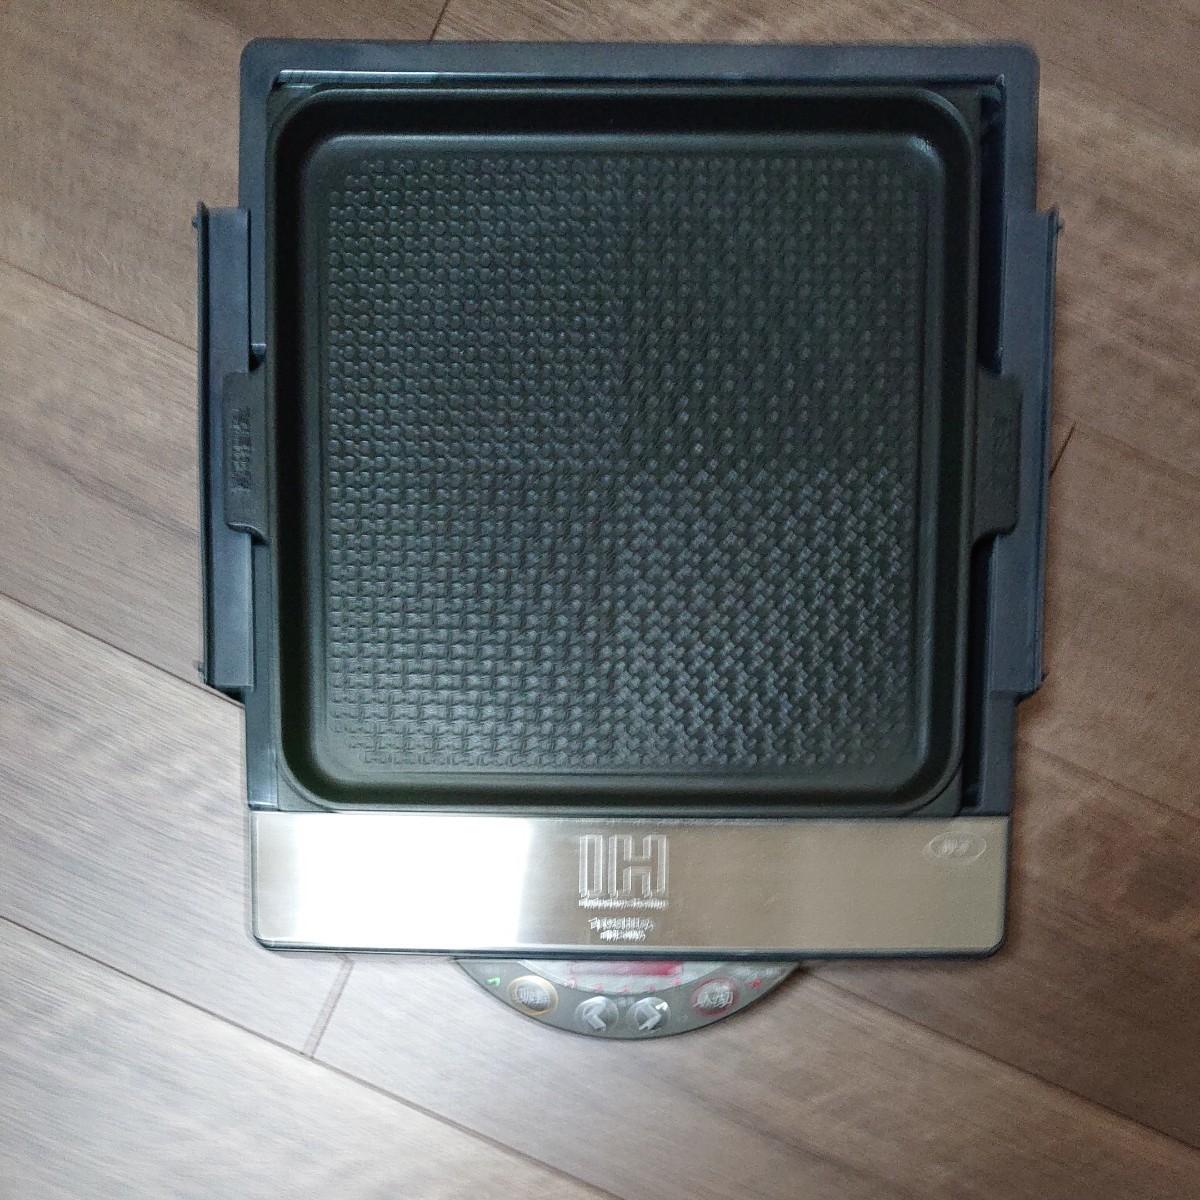 ホットプレート 東芝製 IHP-30VA